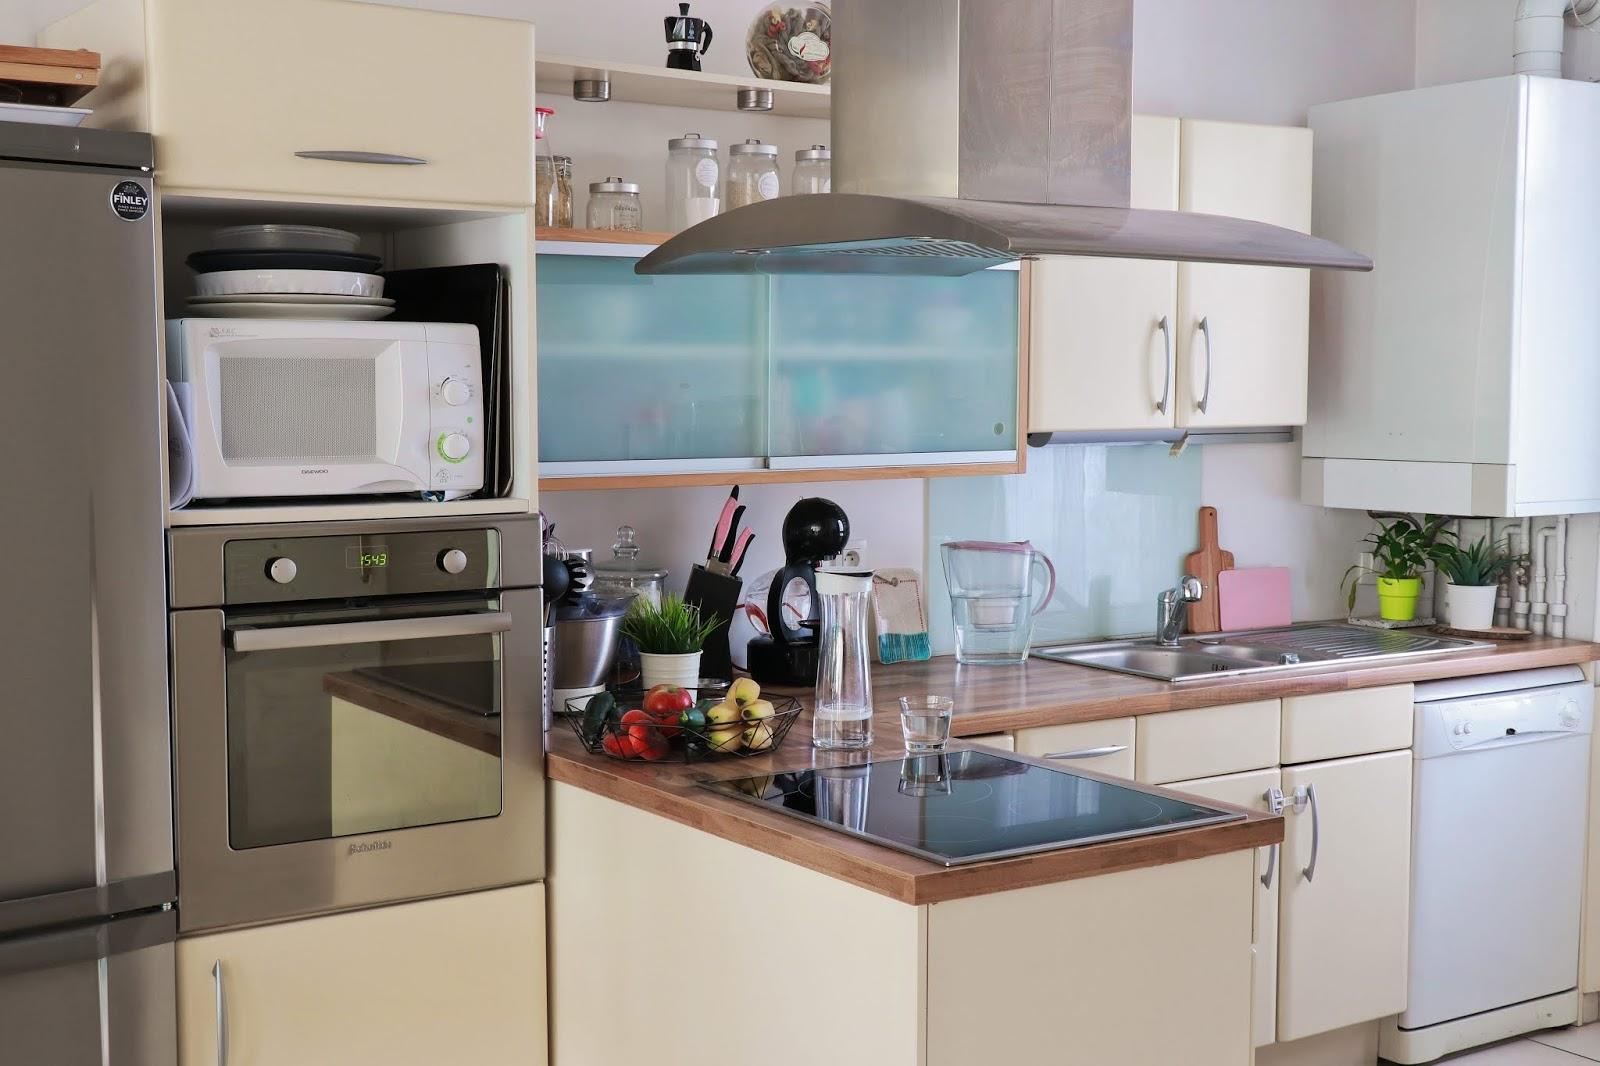 cuisine brita maison décoration déco intérieur carafe filtrante les gommettes de melo propriétaire